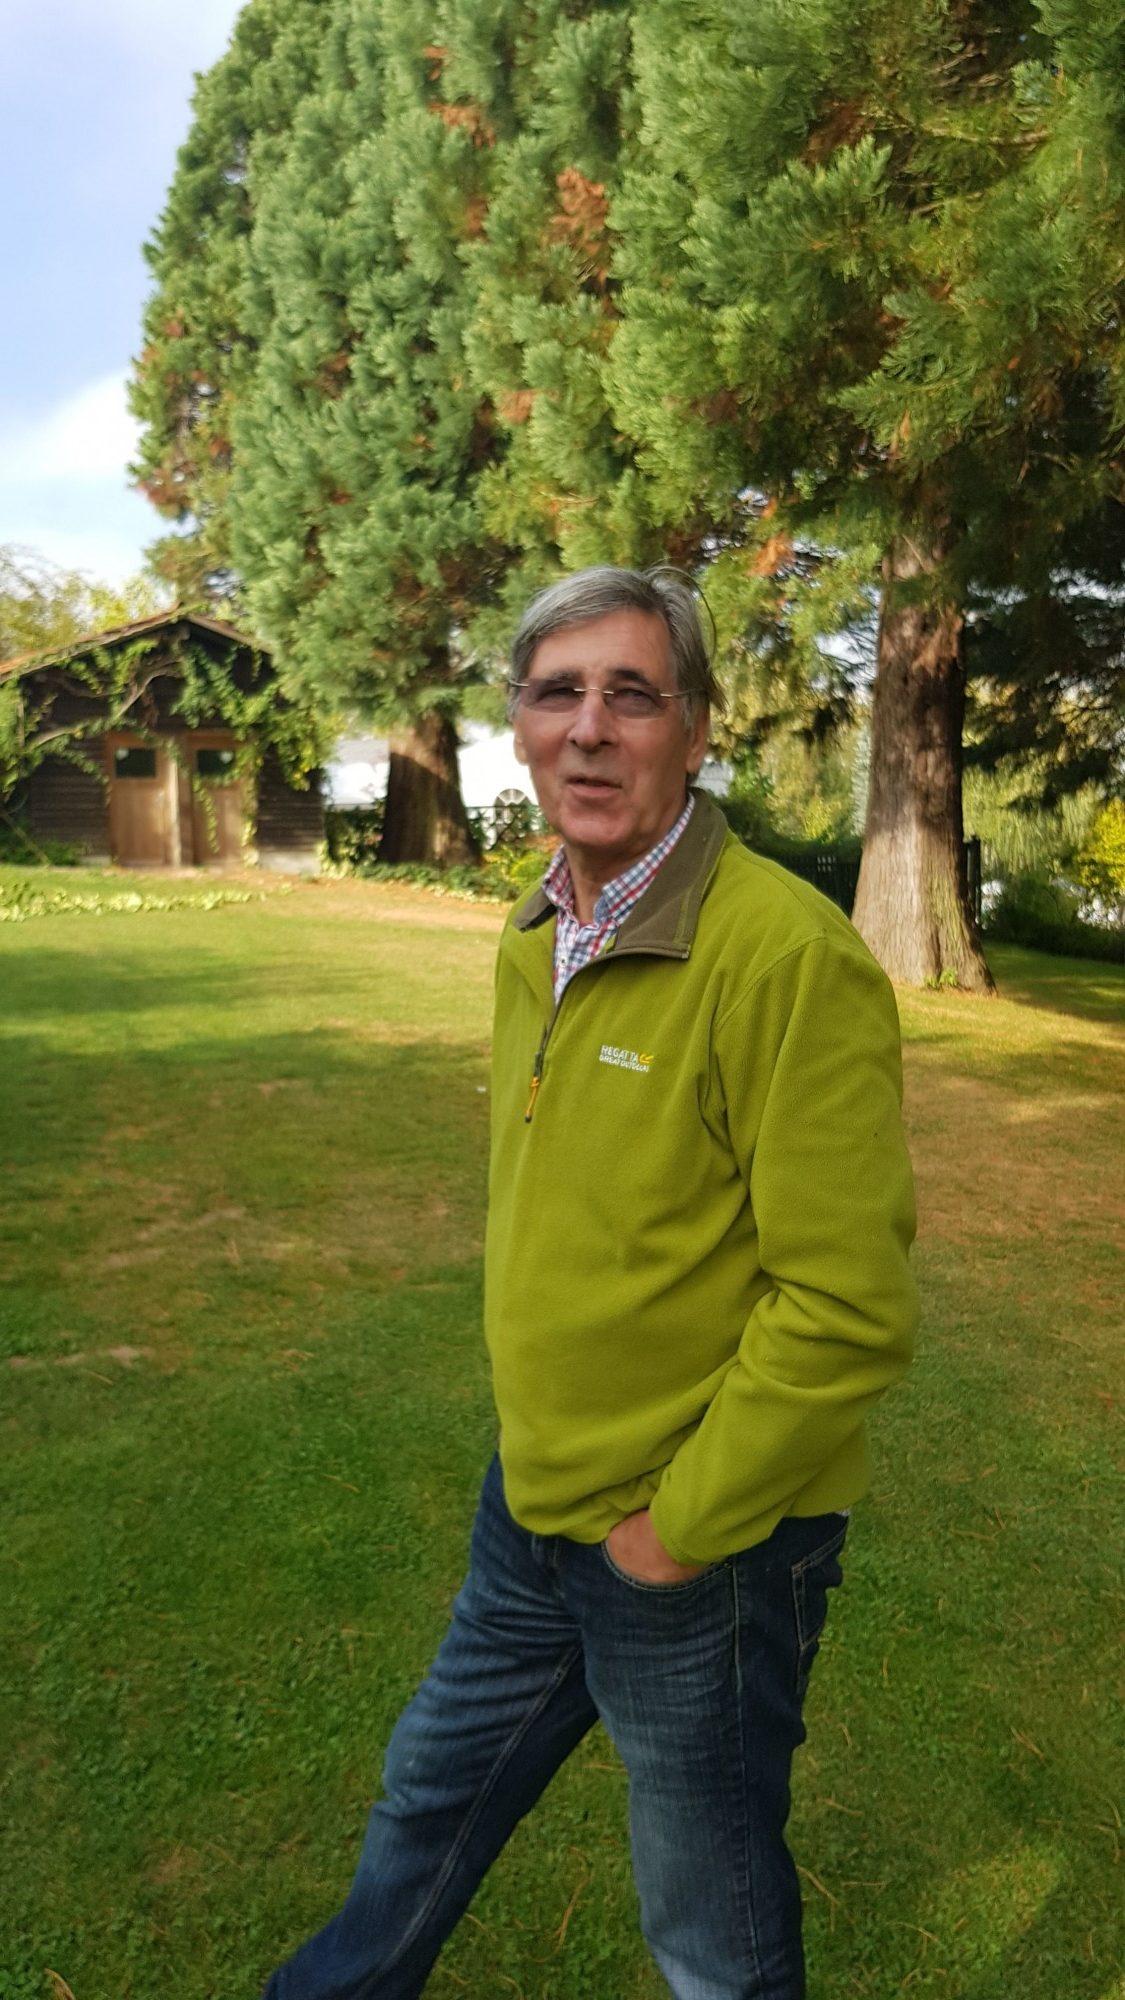 Der Klassiker: Das Rosenfreunde Wochenende mit John Scarman